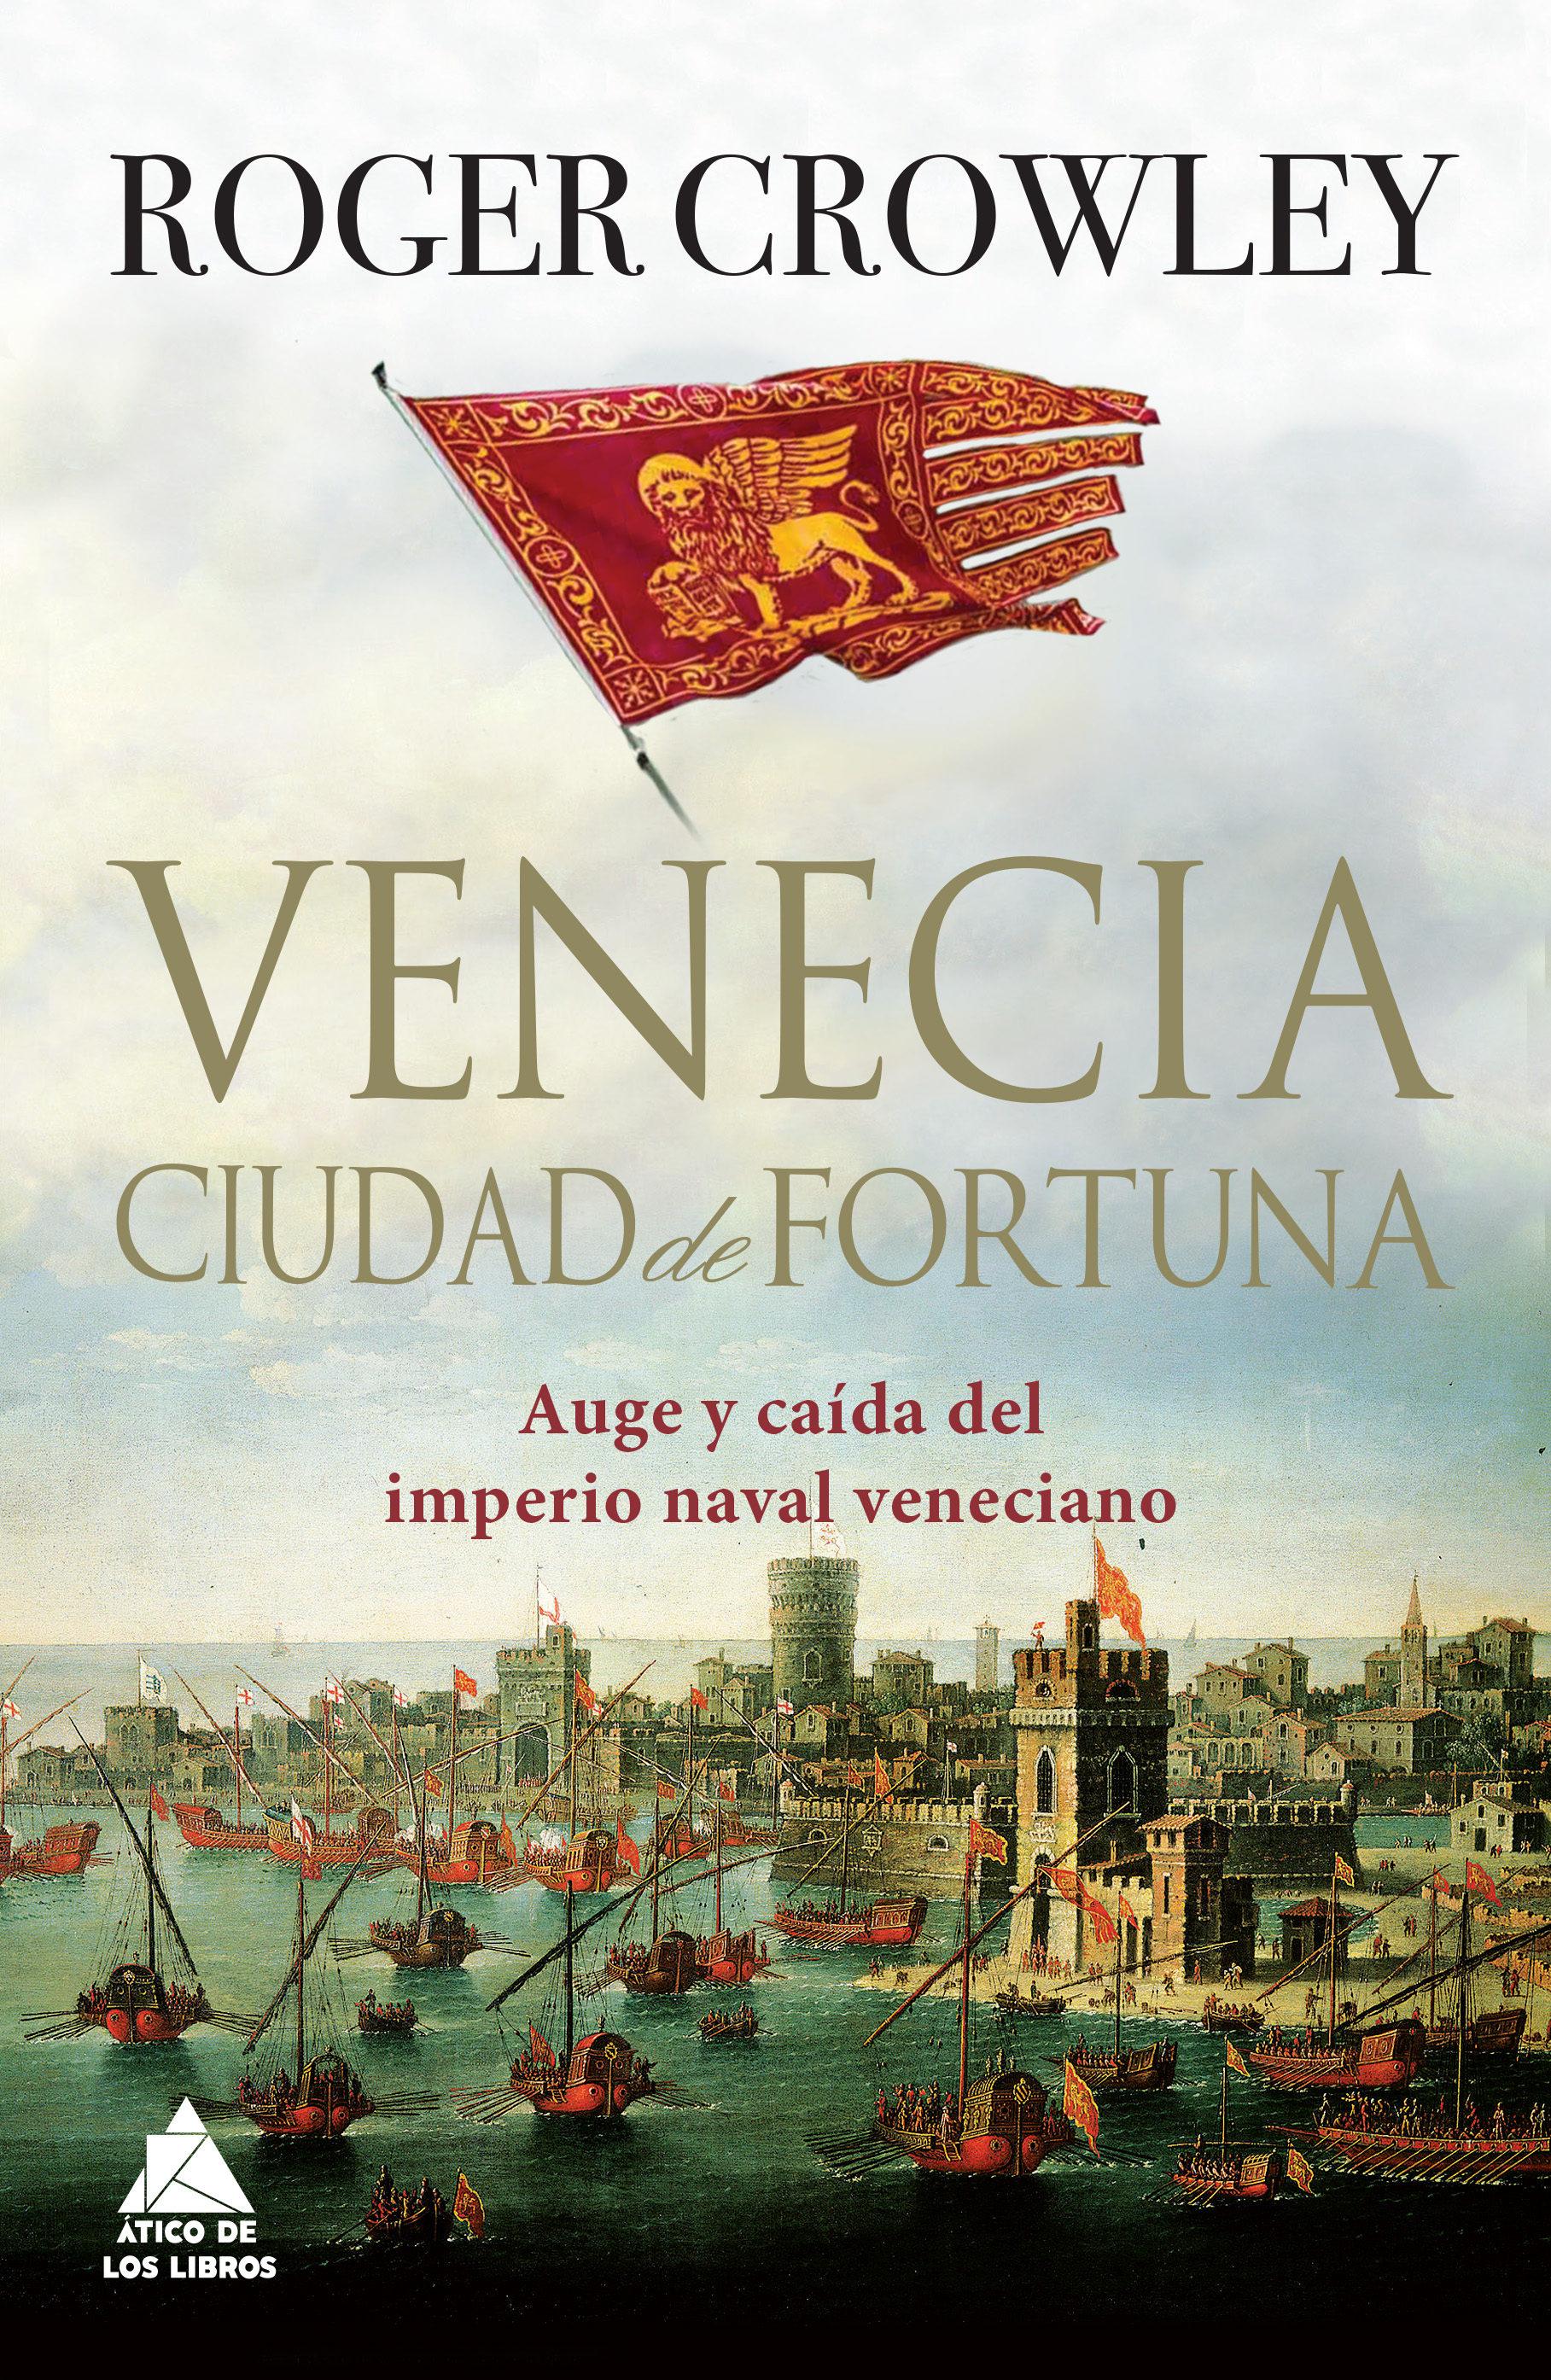 VENECIA. CIUDAD DE FORTUNA - Roger Crowley